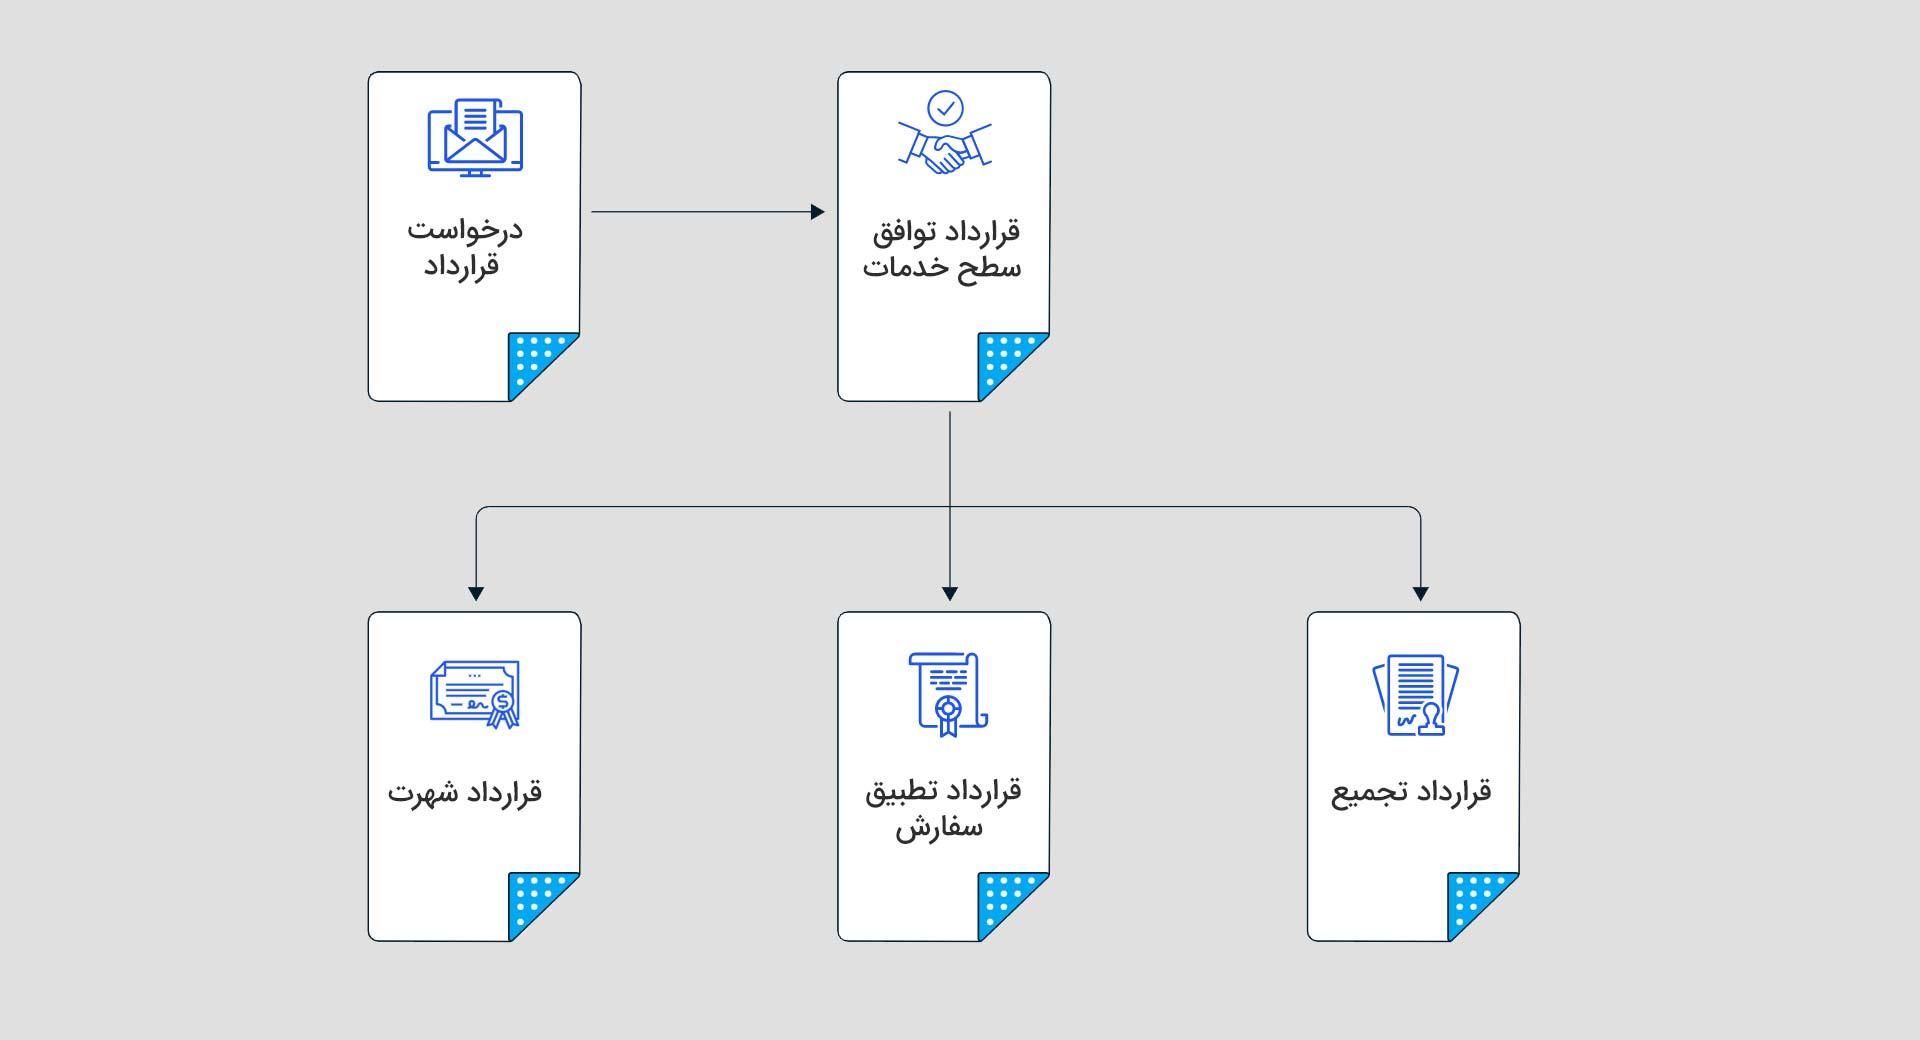 ساختار قرارداد هوشمند ترکیبی